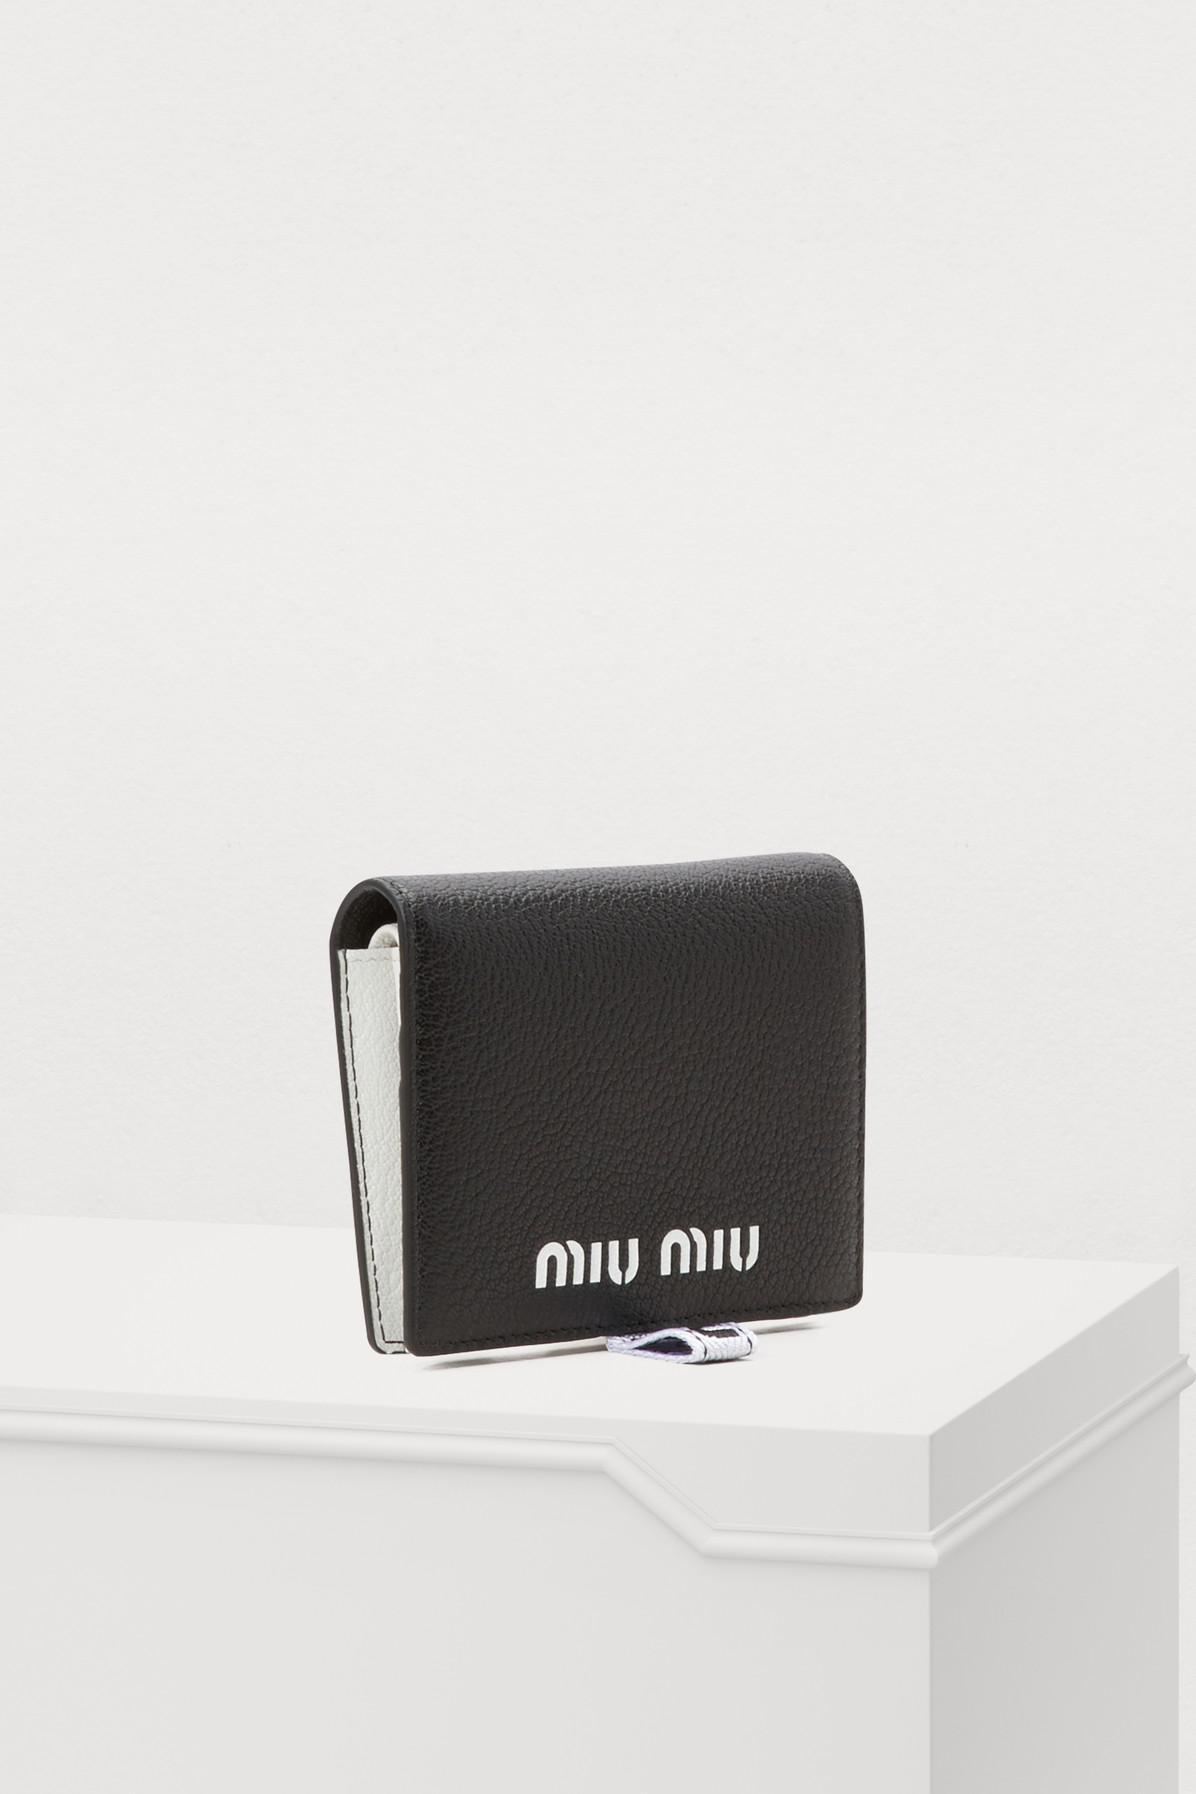 12f55150c48f Miu Miu - Black Small Quilted Wallet - Lyst. View fullscreen